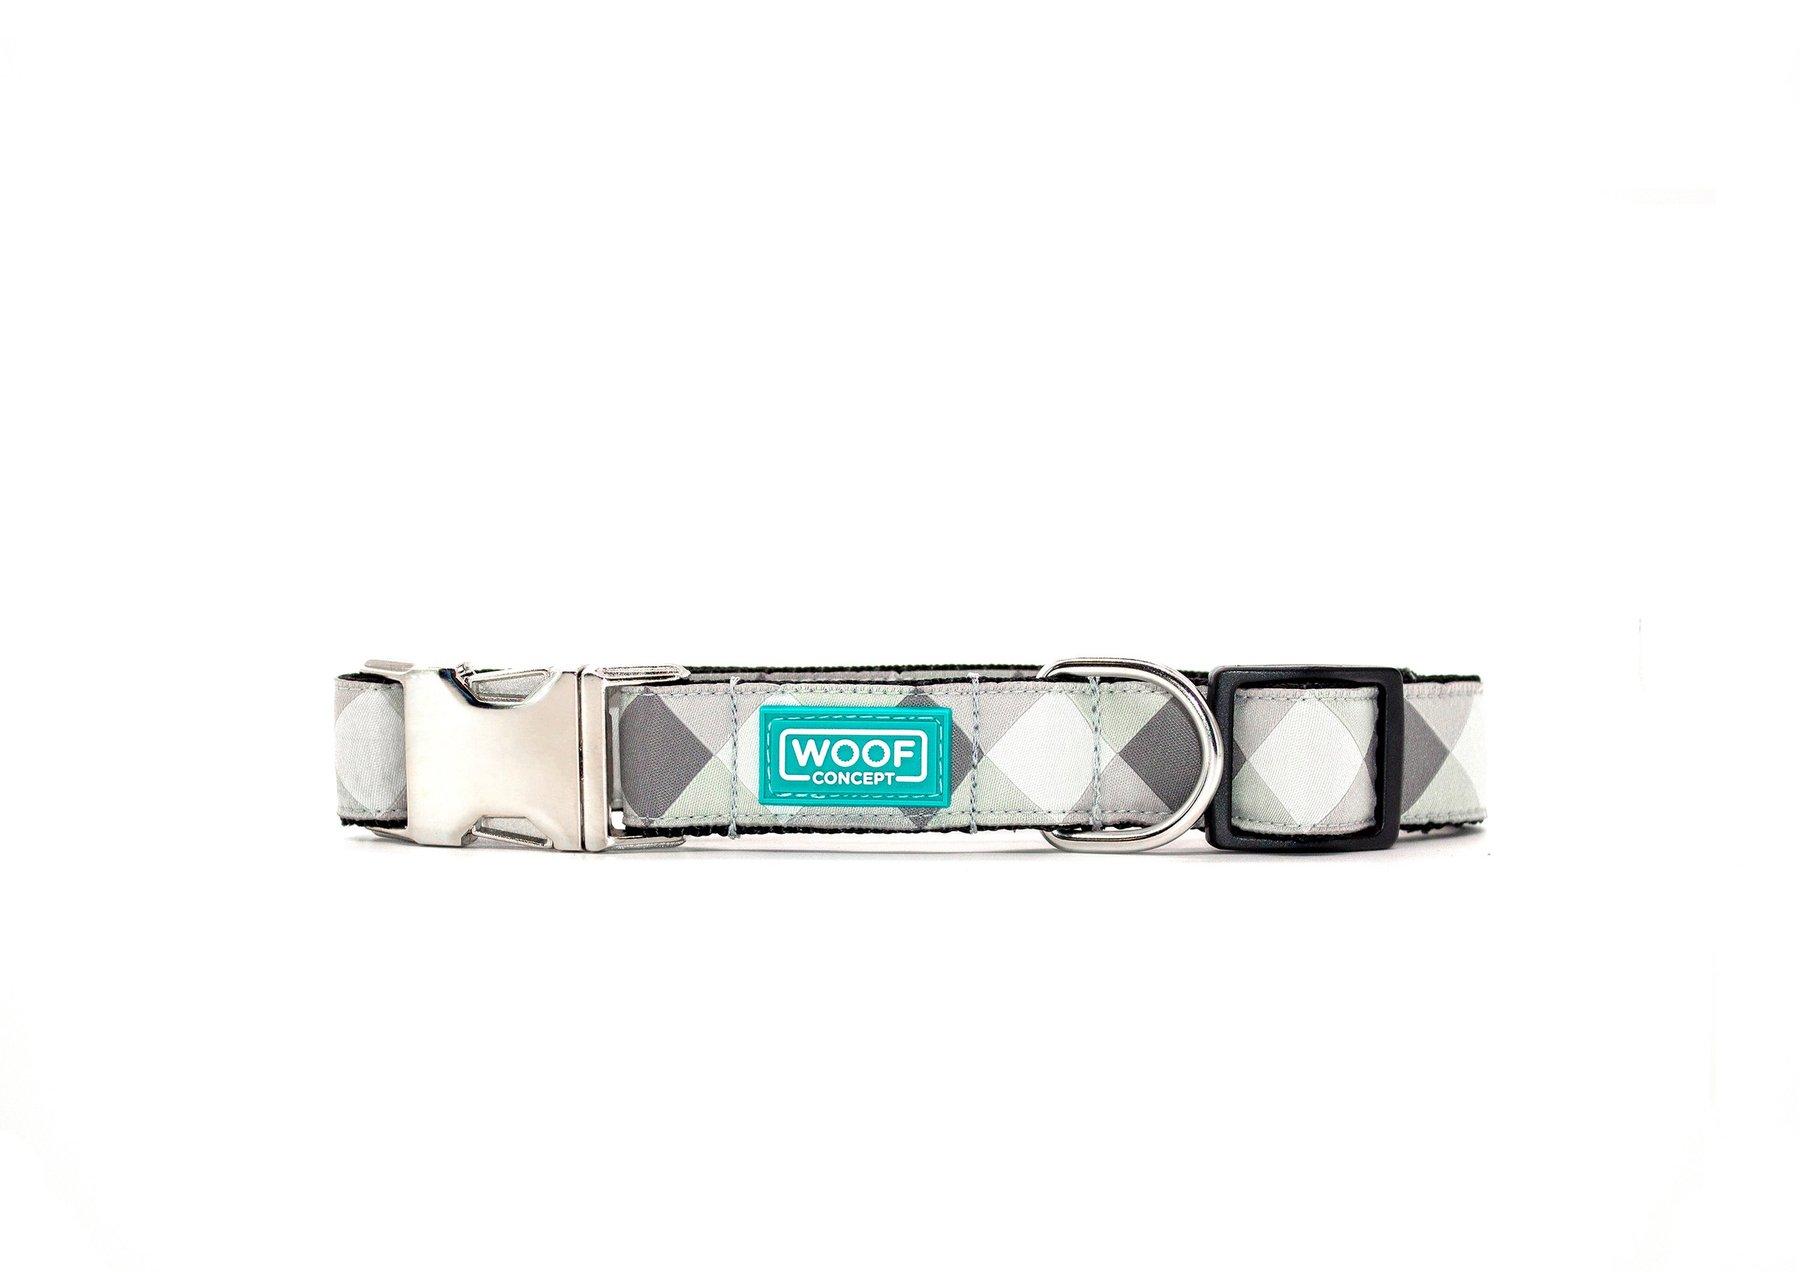 Woof Concept Premium Dog Collar, Smart Casual, Medium